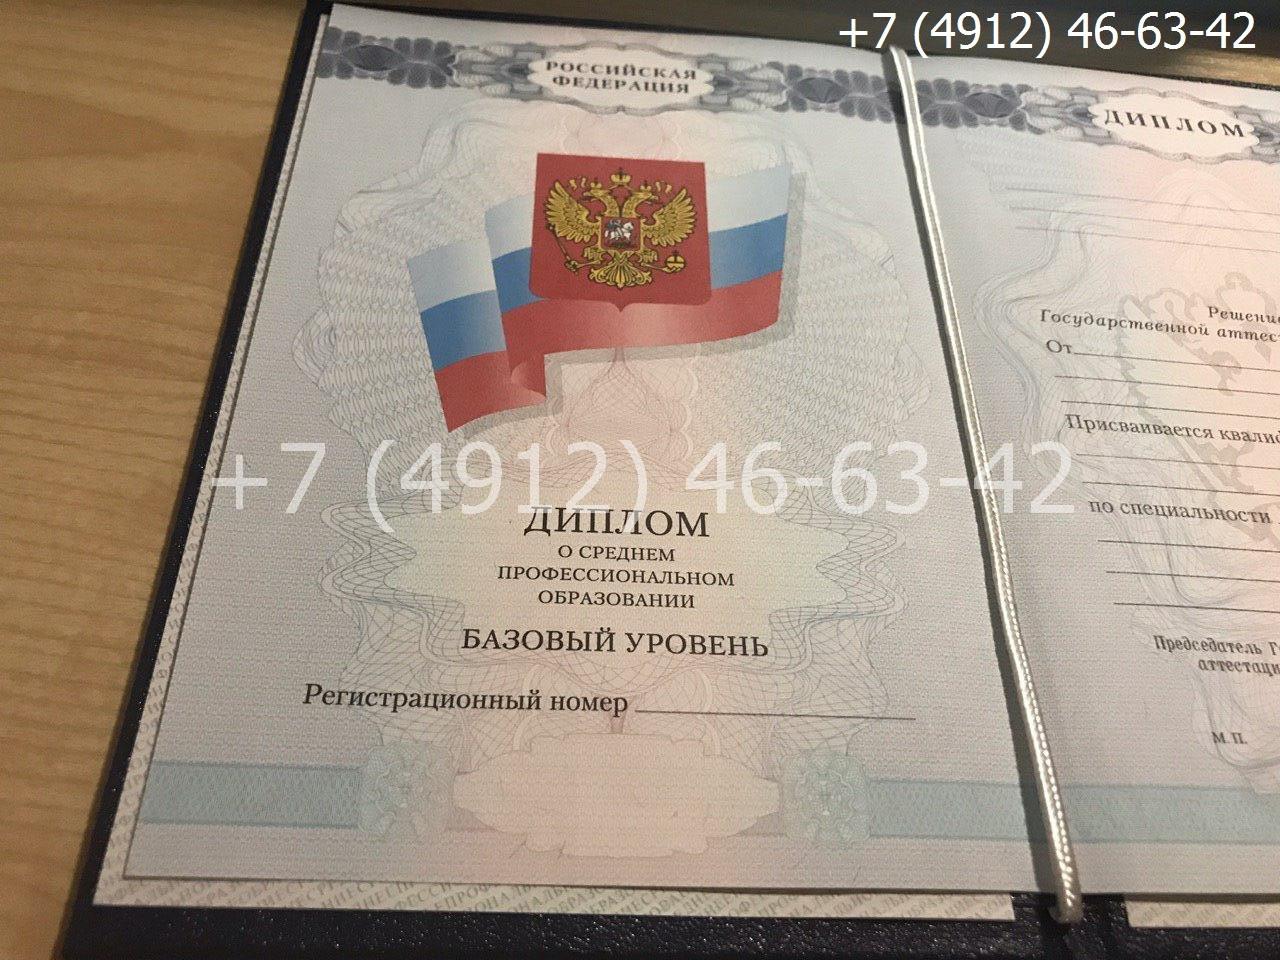 Диплом техникума 2007-2010 годов, образец, титульный лист-1